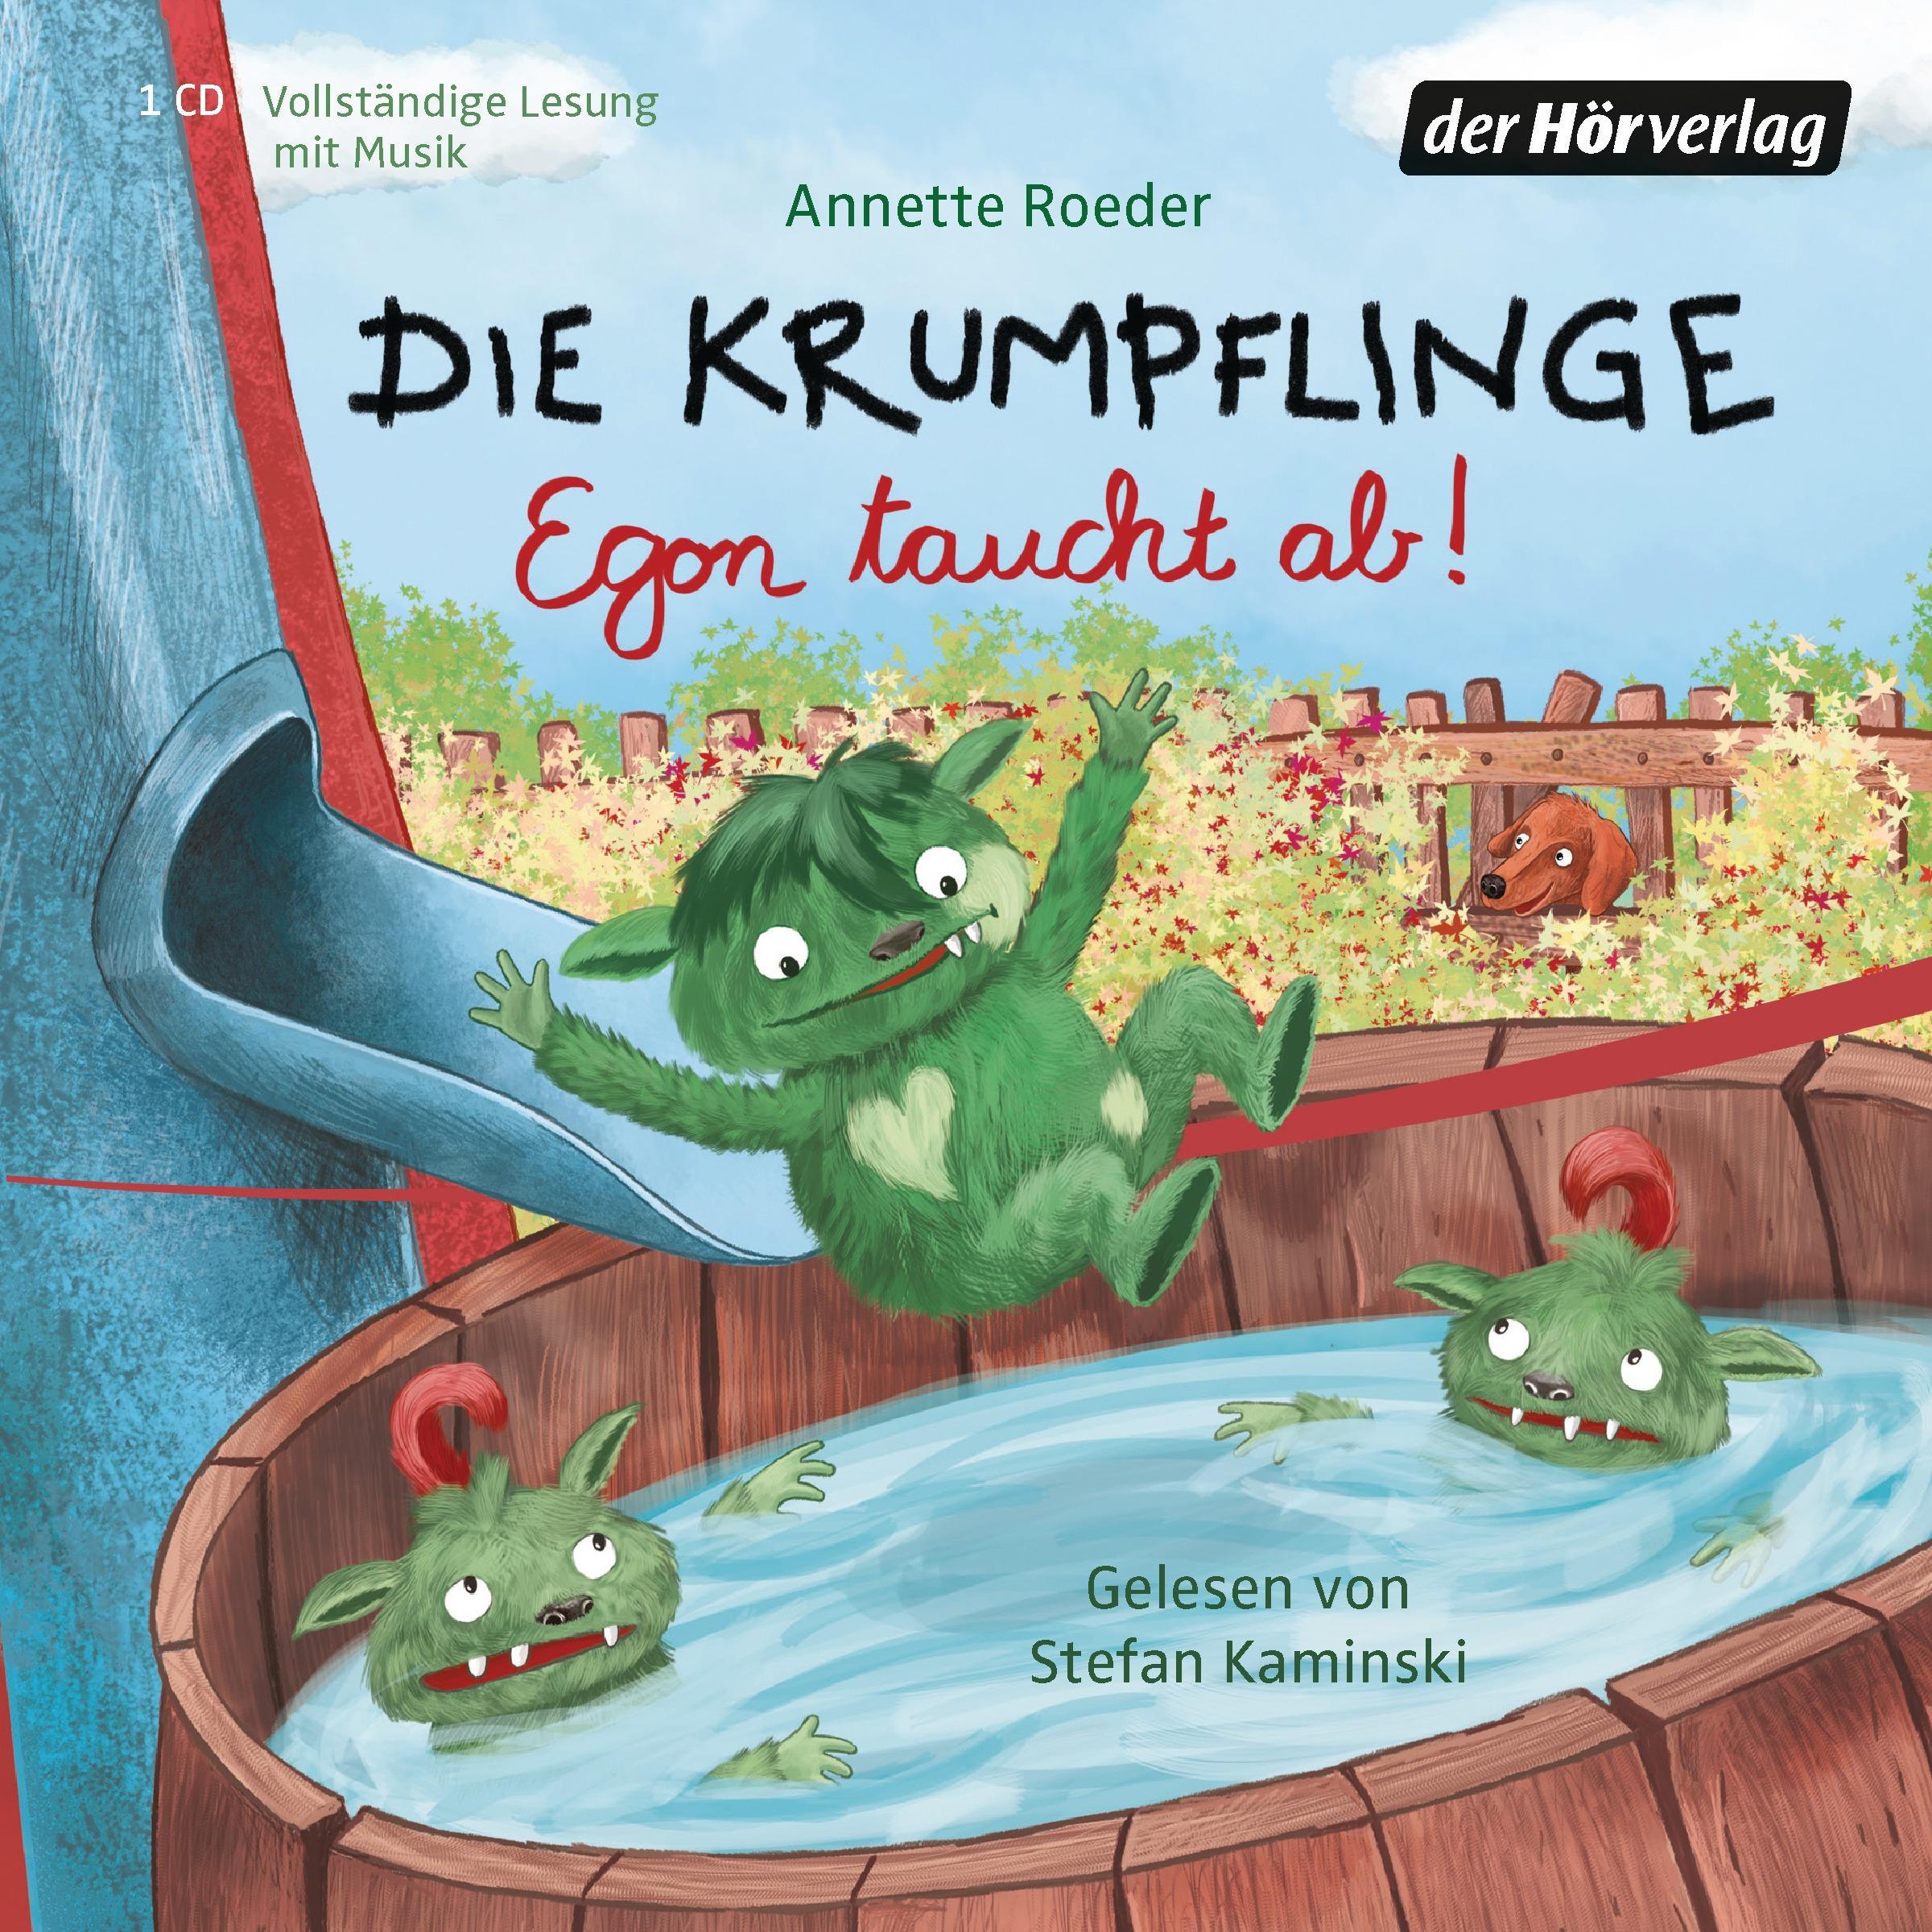 Die Krumpflinge: Folge 4 - Egon taucht ab - Annette Roeder